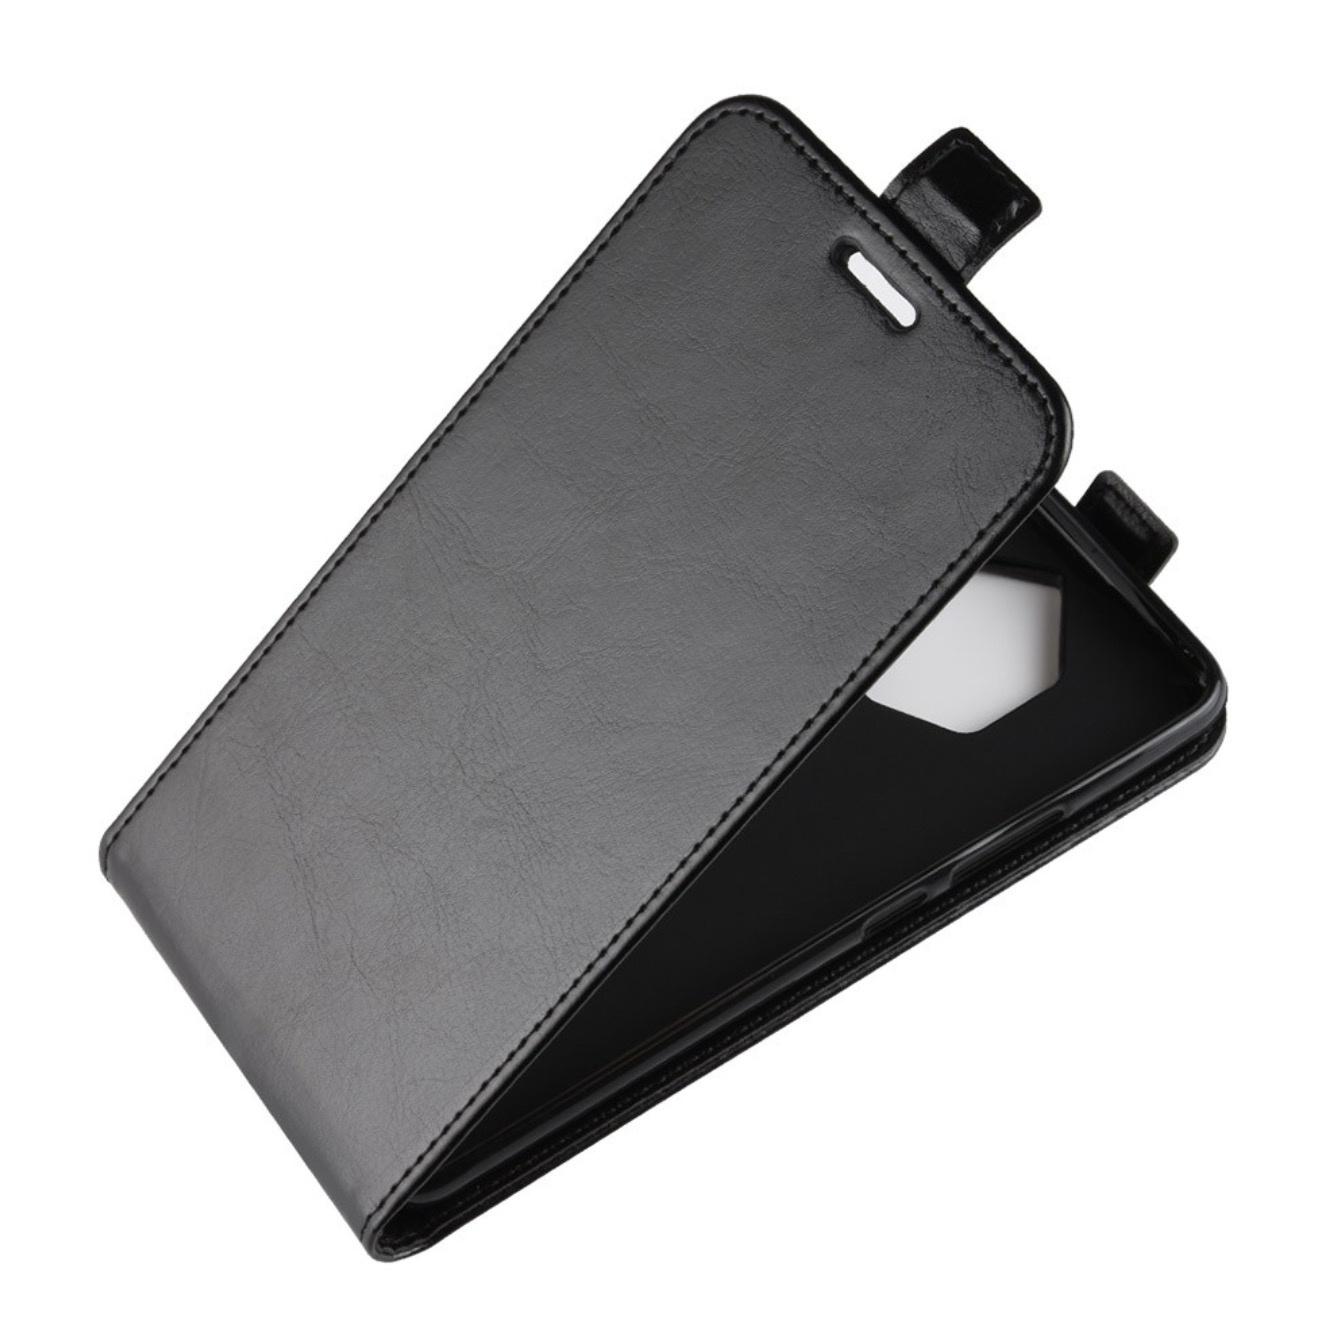 цена на Чехол-флип MyPads для Lenovo S856 (P0R1000) вертикальный откидной черный